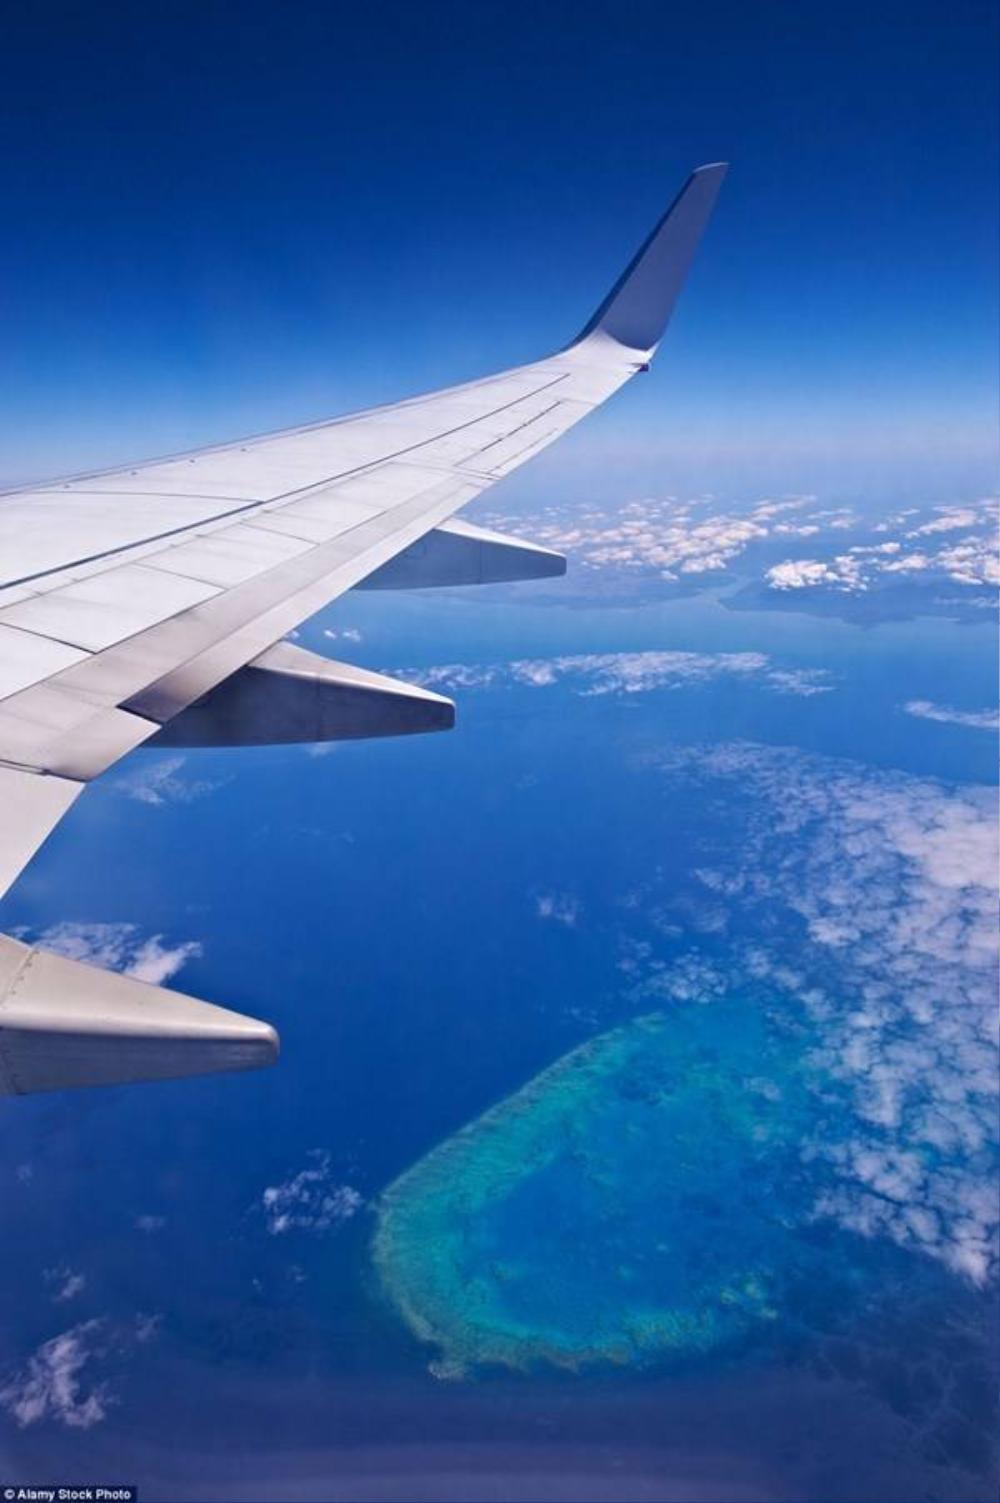 Dù không phải thợ lặn, bạn vẫn có thể thưởng thức trọn vẹn vẻ đẹp của rạn san hô Great Barrier Reef , Australia khi bay qua nó.